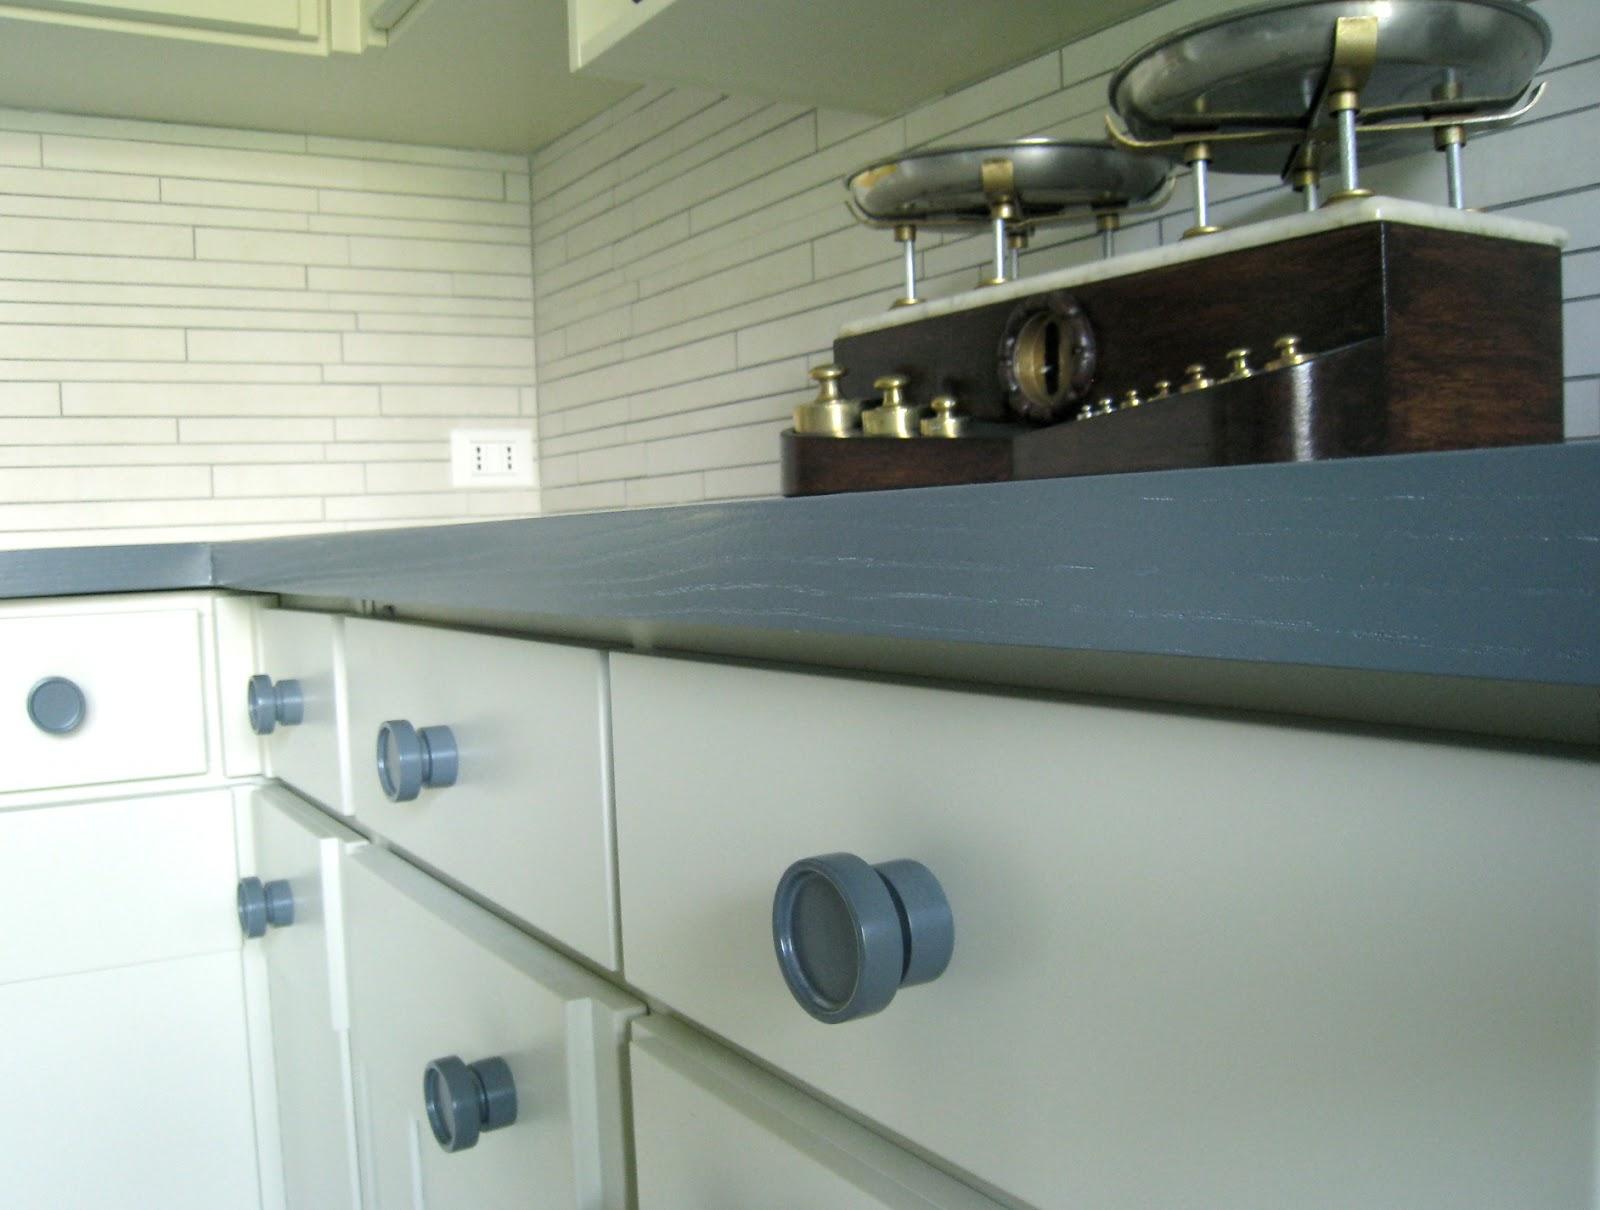 Verniciare mobili cucina cool verniciare mobile legno with verniciare mobili cucina stunning - Dipingere ante cucina in legno ...